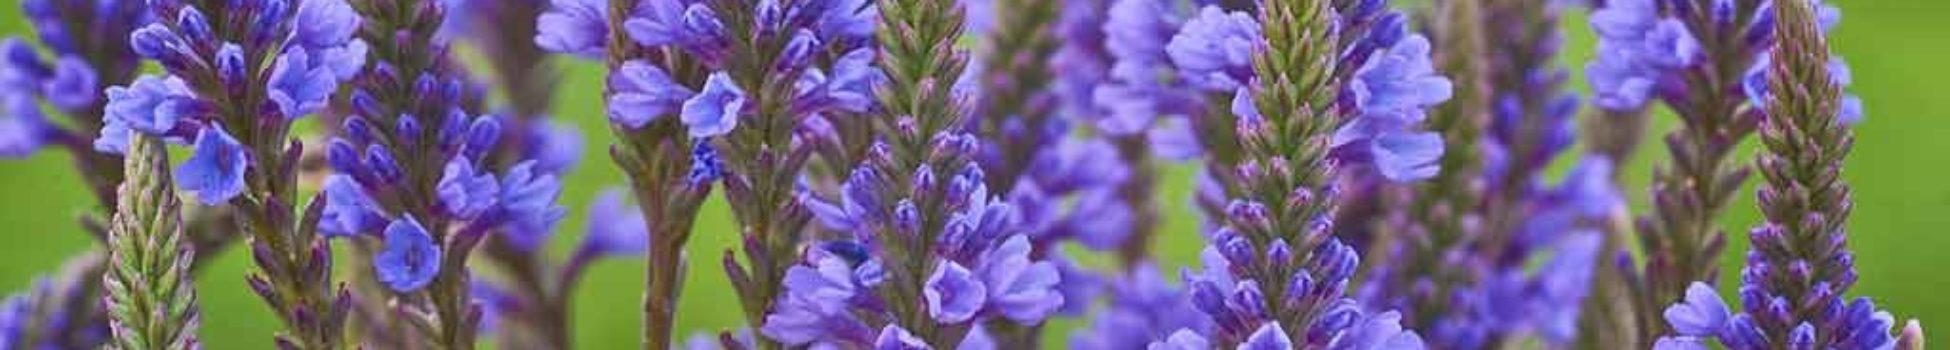 Luz Pura Floral Verbena-Ecuanimidad. Curso Online